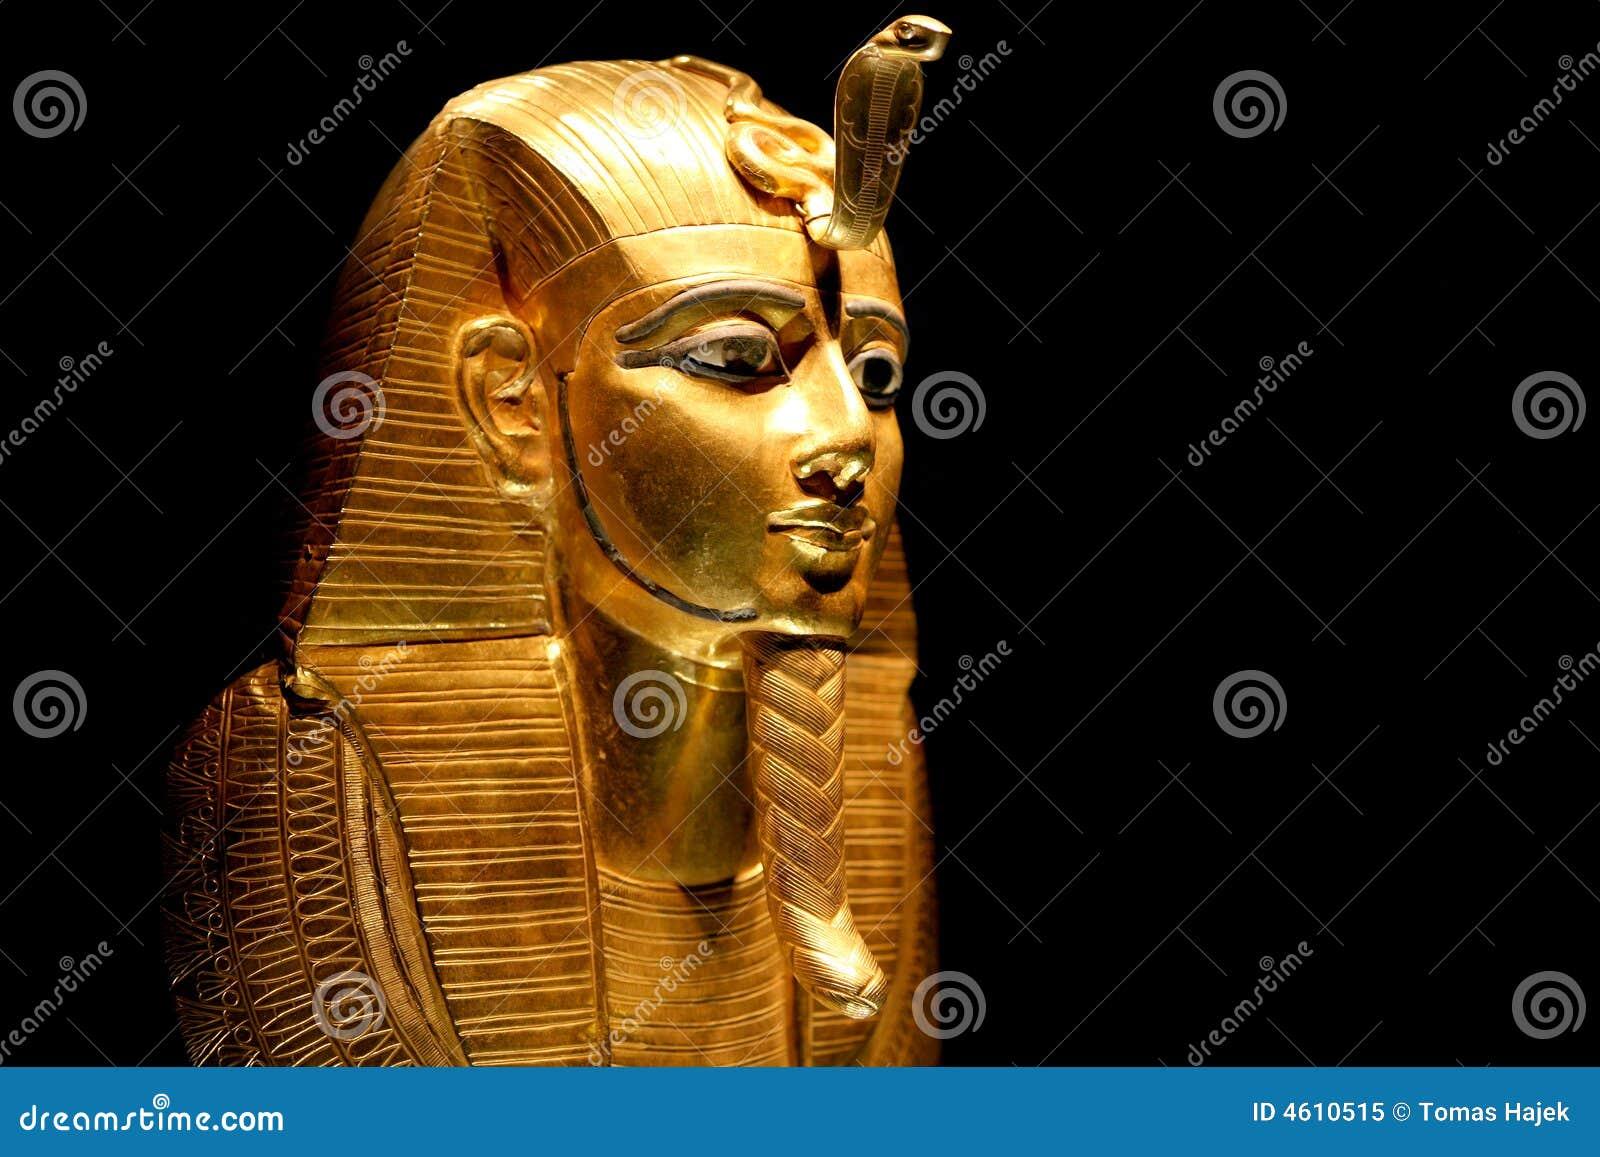 Tentoonstelling van Tutankhamun